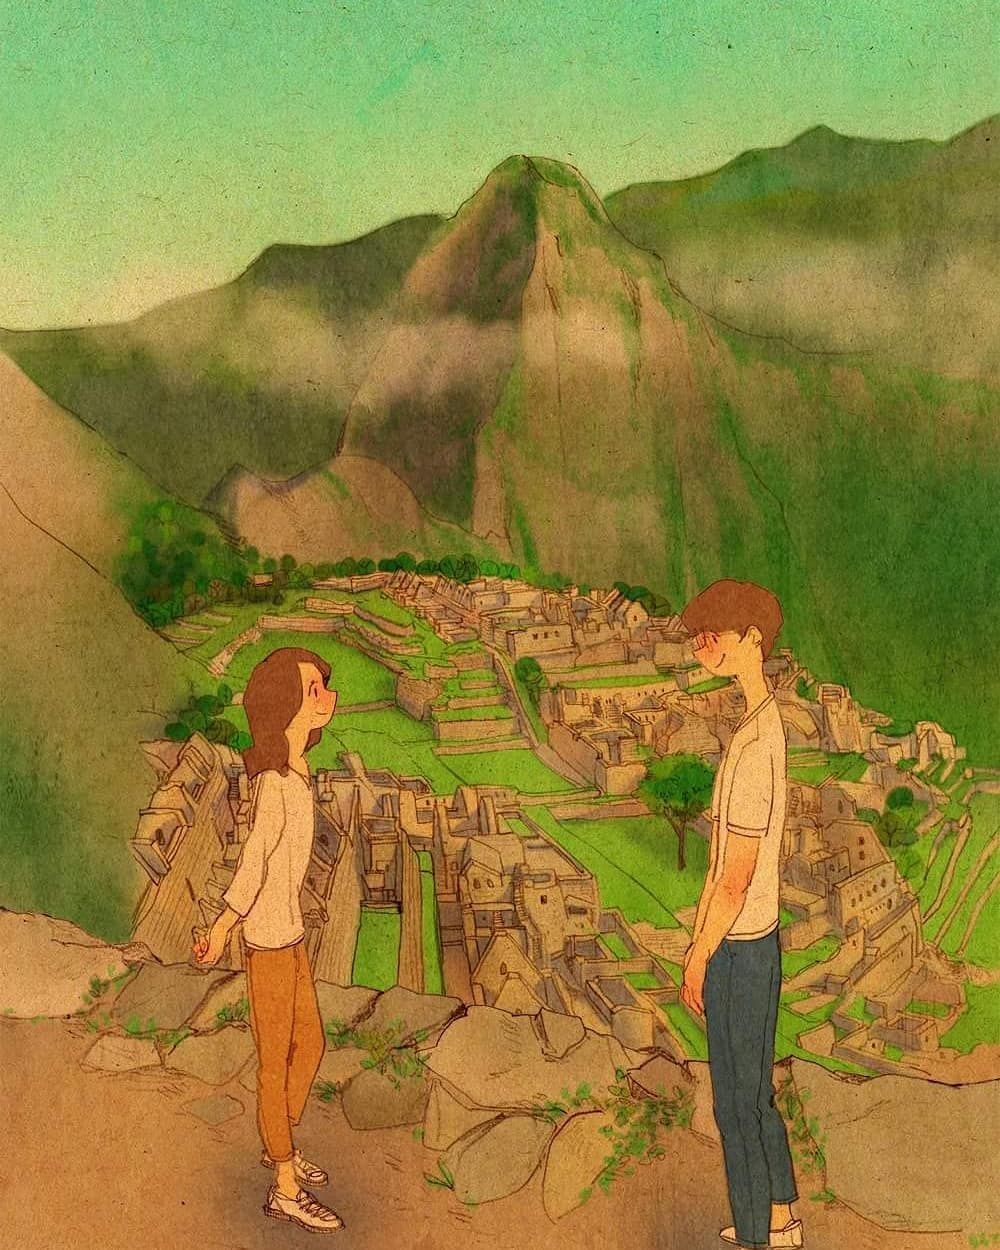 Mulpix Wherever We Go Machu Picchu Peru Loveis Whereverwego Puuung Machupicchu Peru Relationship Puuung Love Is Love Art Cute Couple Drawings